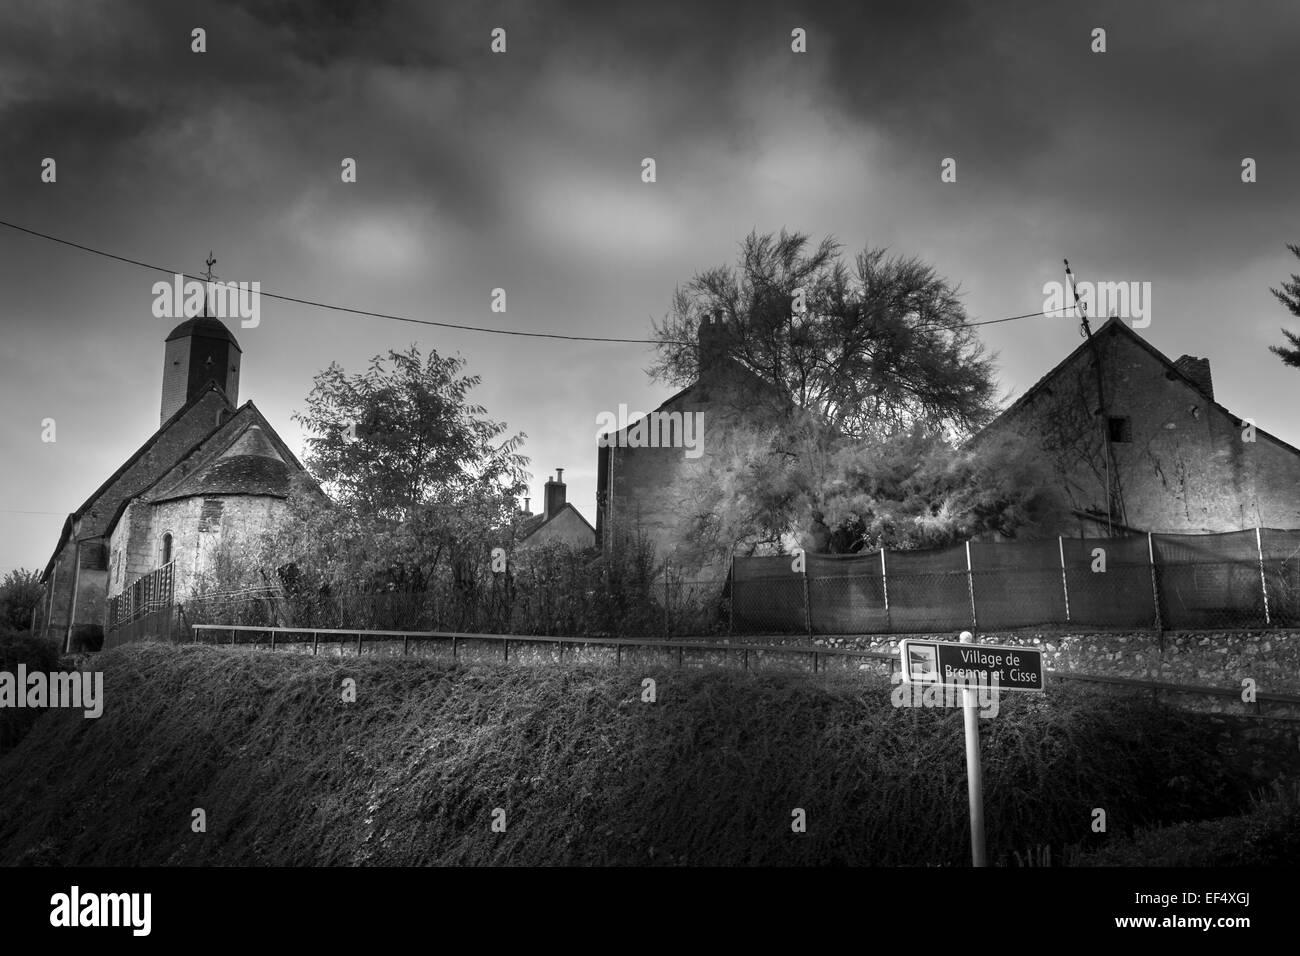 Gebäude auf einem Hügel, Neuille le Lierre Dorf, Indre-et-Loire, Frankreich. Stockbild